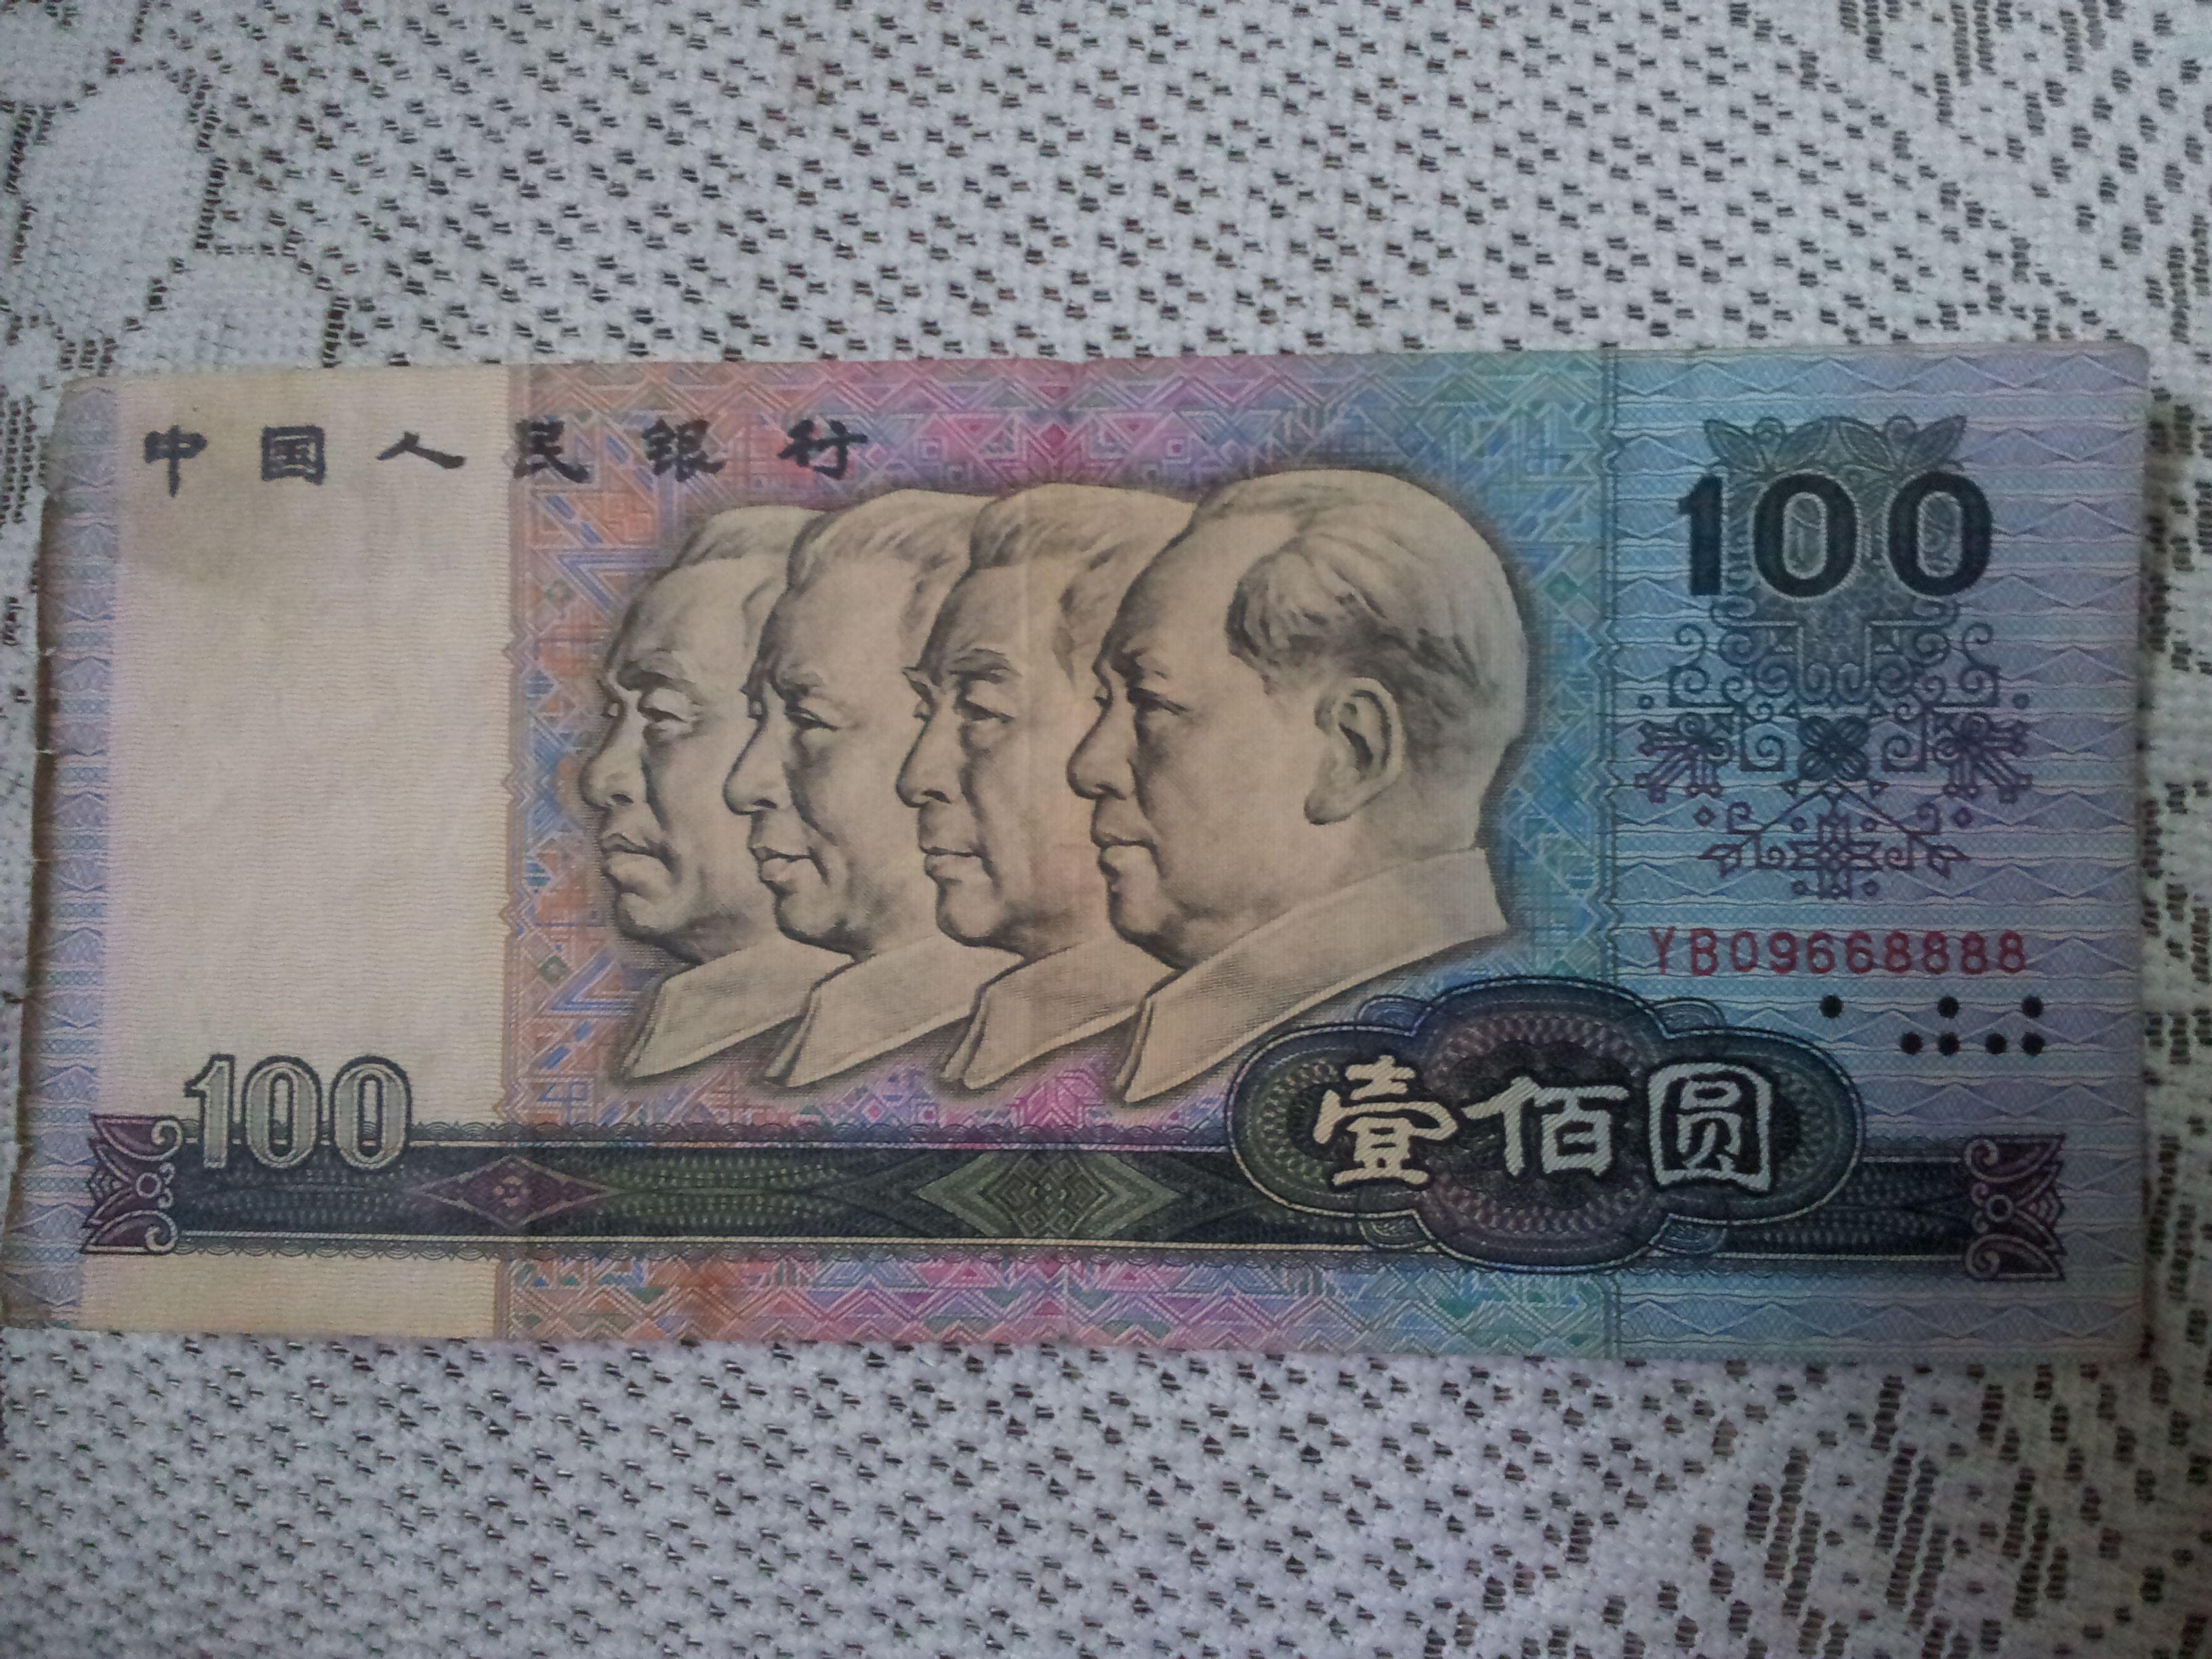 人民币�ya`��a���-�_请大家帮看一下,这张人民币算错版人民币么?有收藏价值么